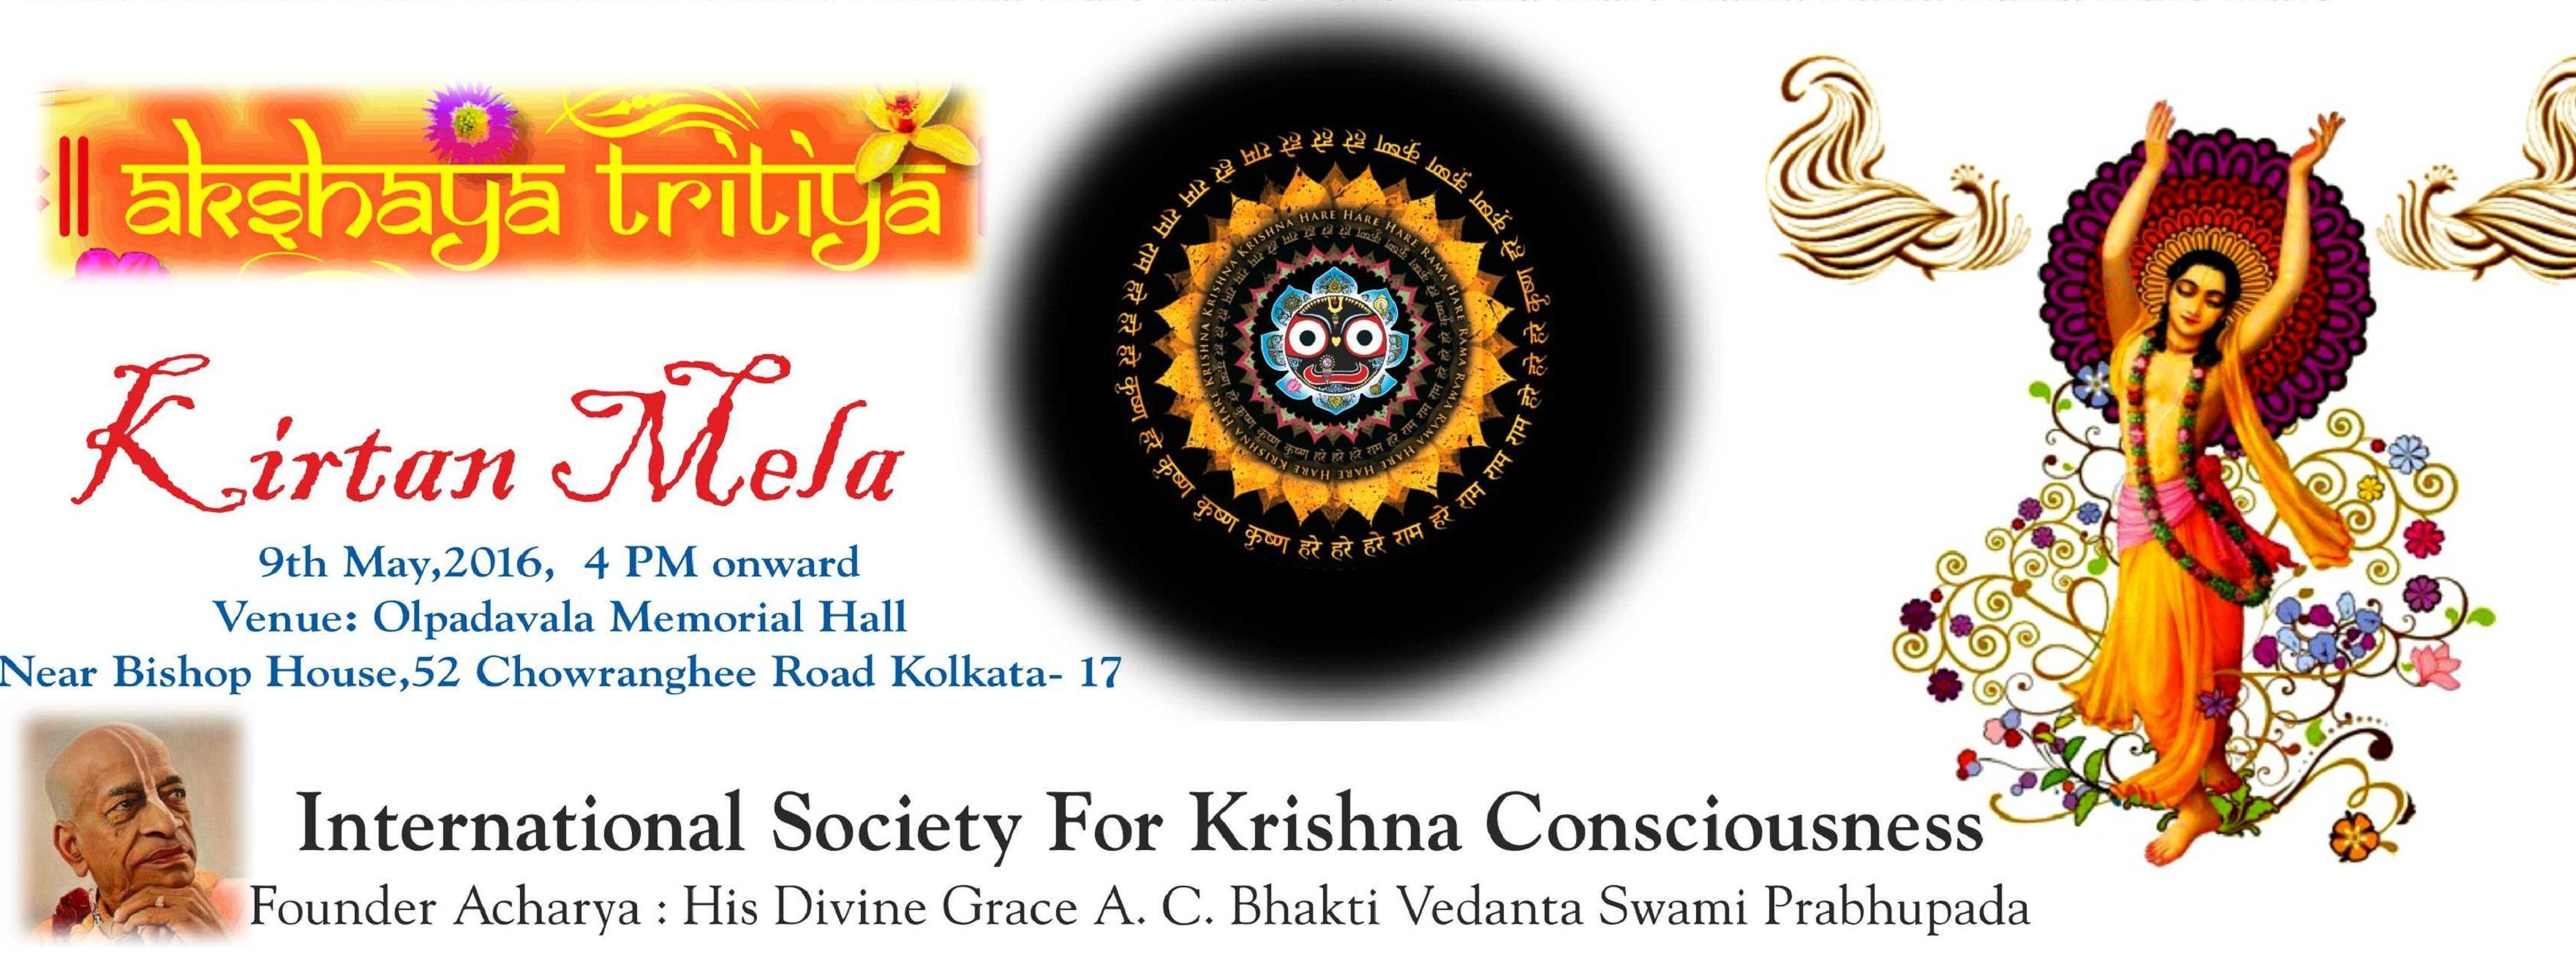 kirtan-mela-akshaya-tritiya-iskcon-kolkata11